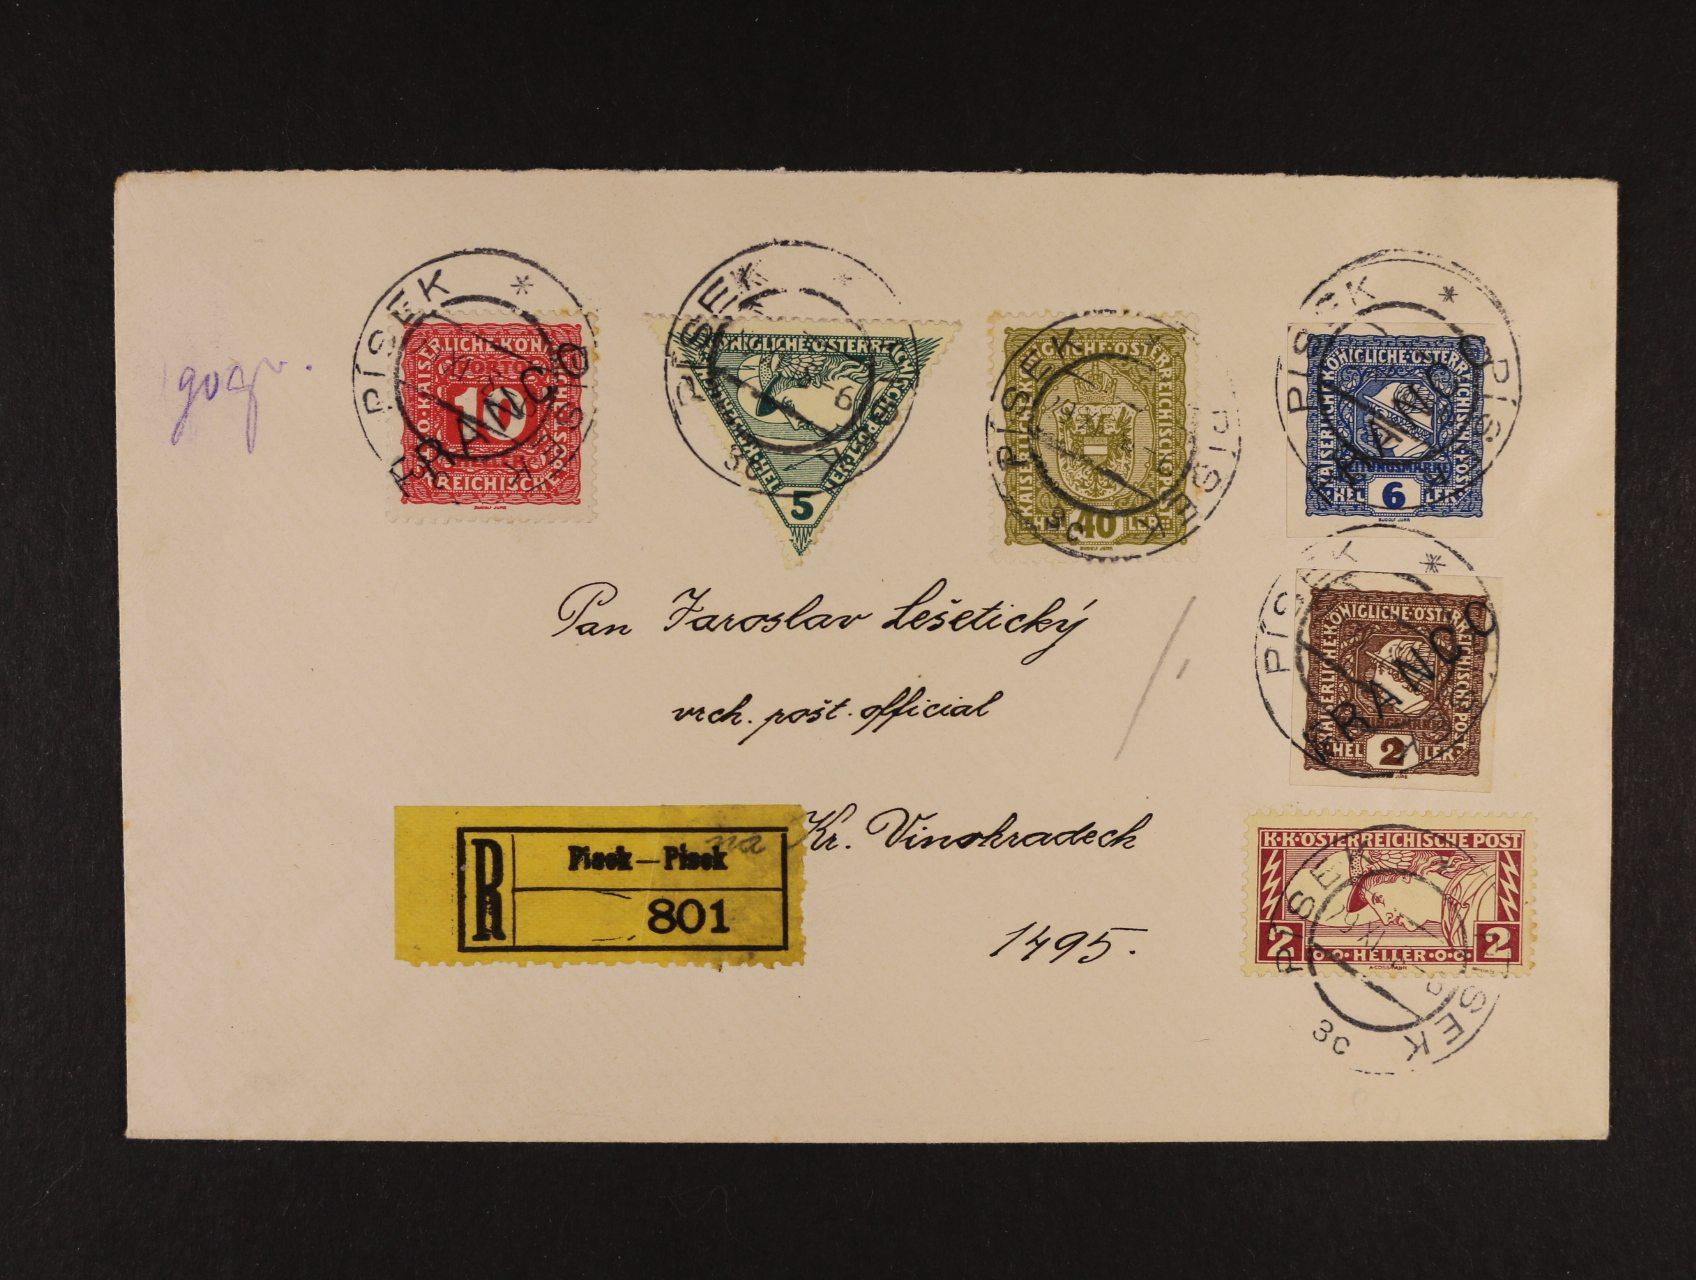 R-dopis adresovaný na vrchního pošt. oficiála Lešetického framk. zn. Mi. č. 194, 218, 219, 212, 214 a dopl. zn. P 48 jako výplatní, pod. raz. PÍSEK 29.11.18, velmi zajímavé